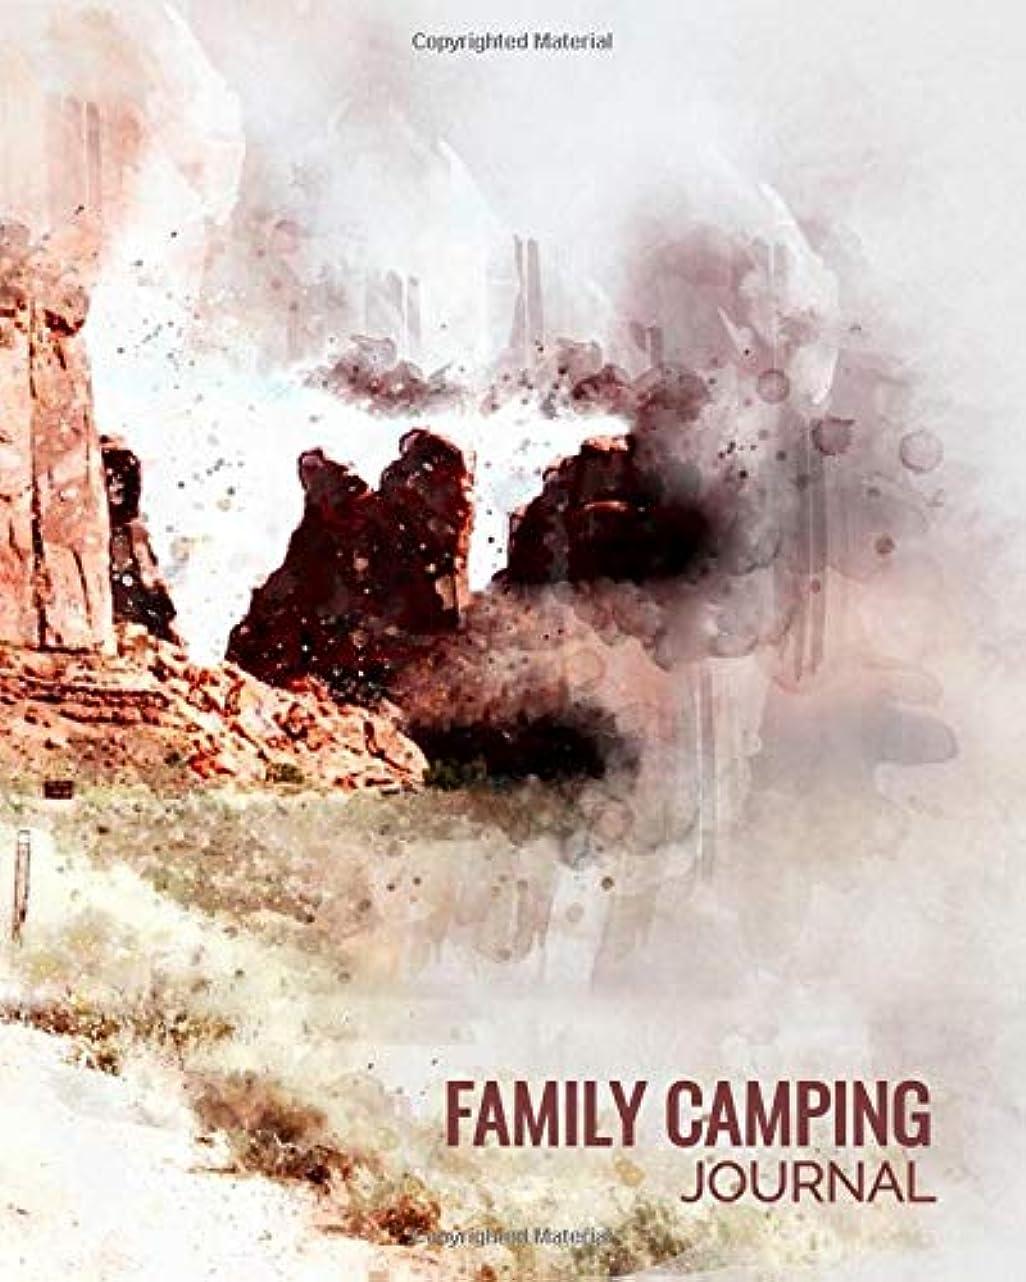 北極圏津波満たすFamily Camping Journal: RV Travel Journal, Custom Camping Diary, Glamping Travel Log Book, Adventure Tracker Memory Keepsake